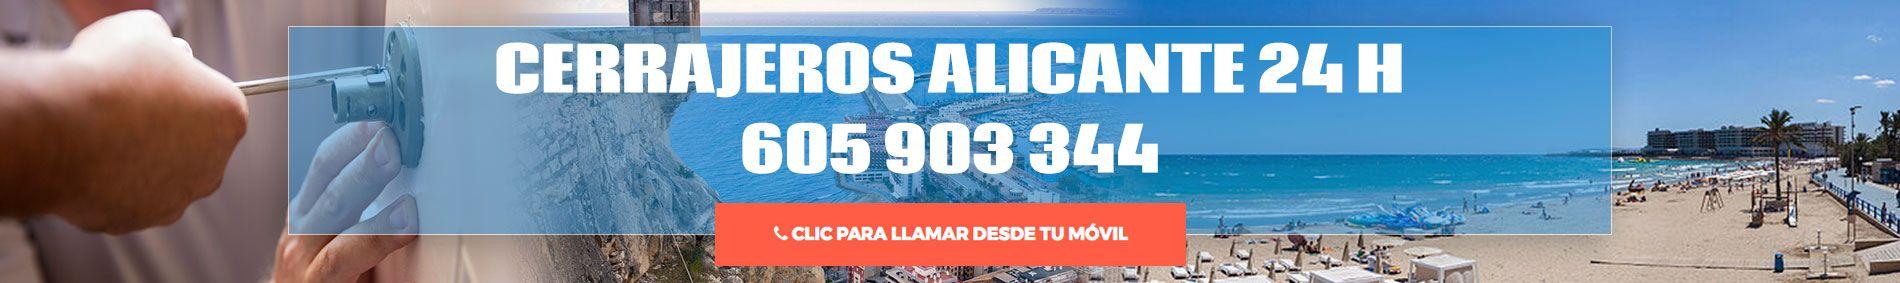 Cerrajeros Alicante Ac, empresa del Sr. Ariel Crespo, se expande a todas las poblaciones de Alicante